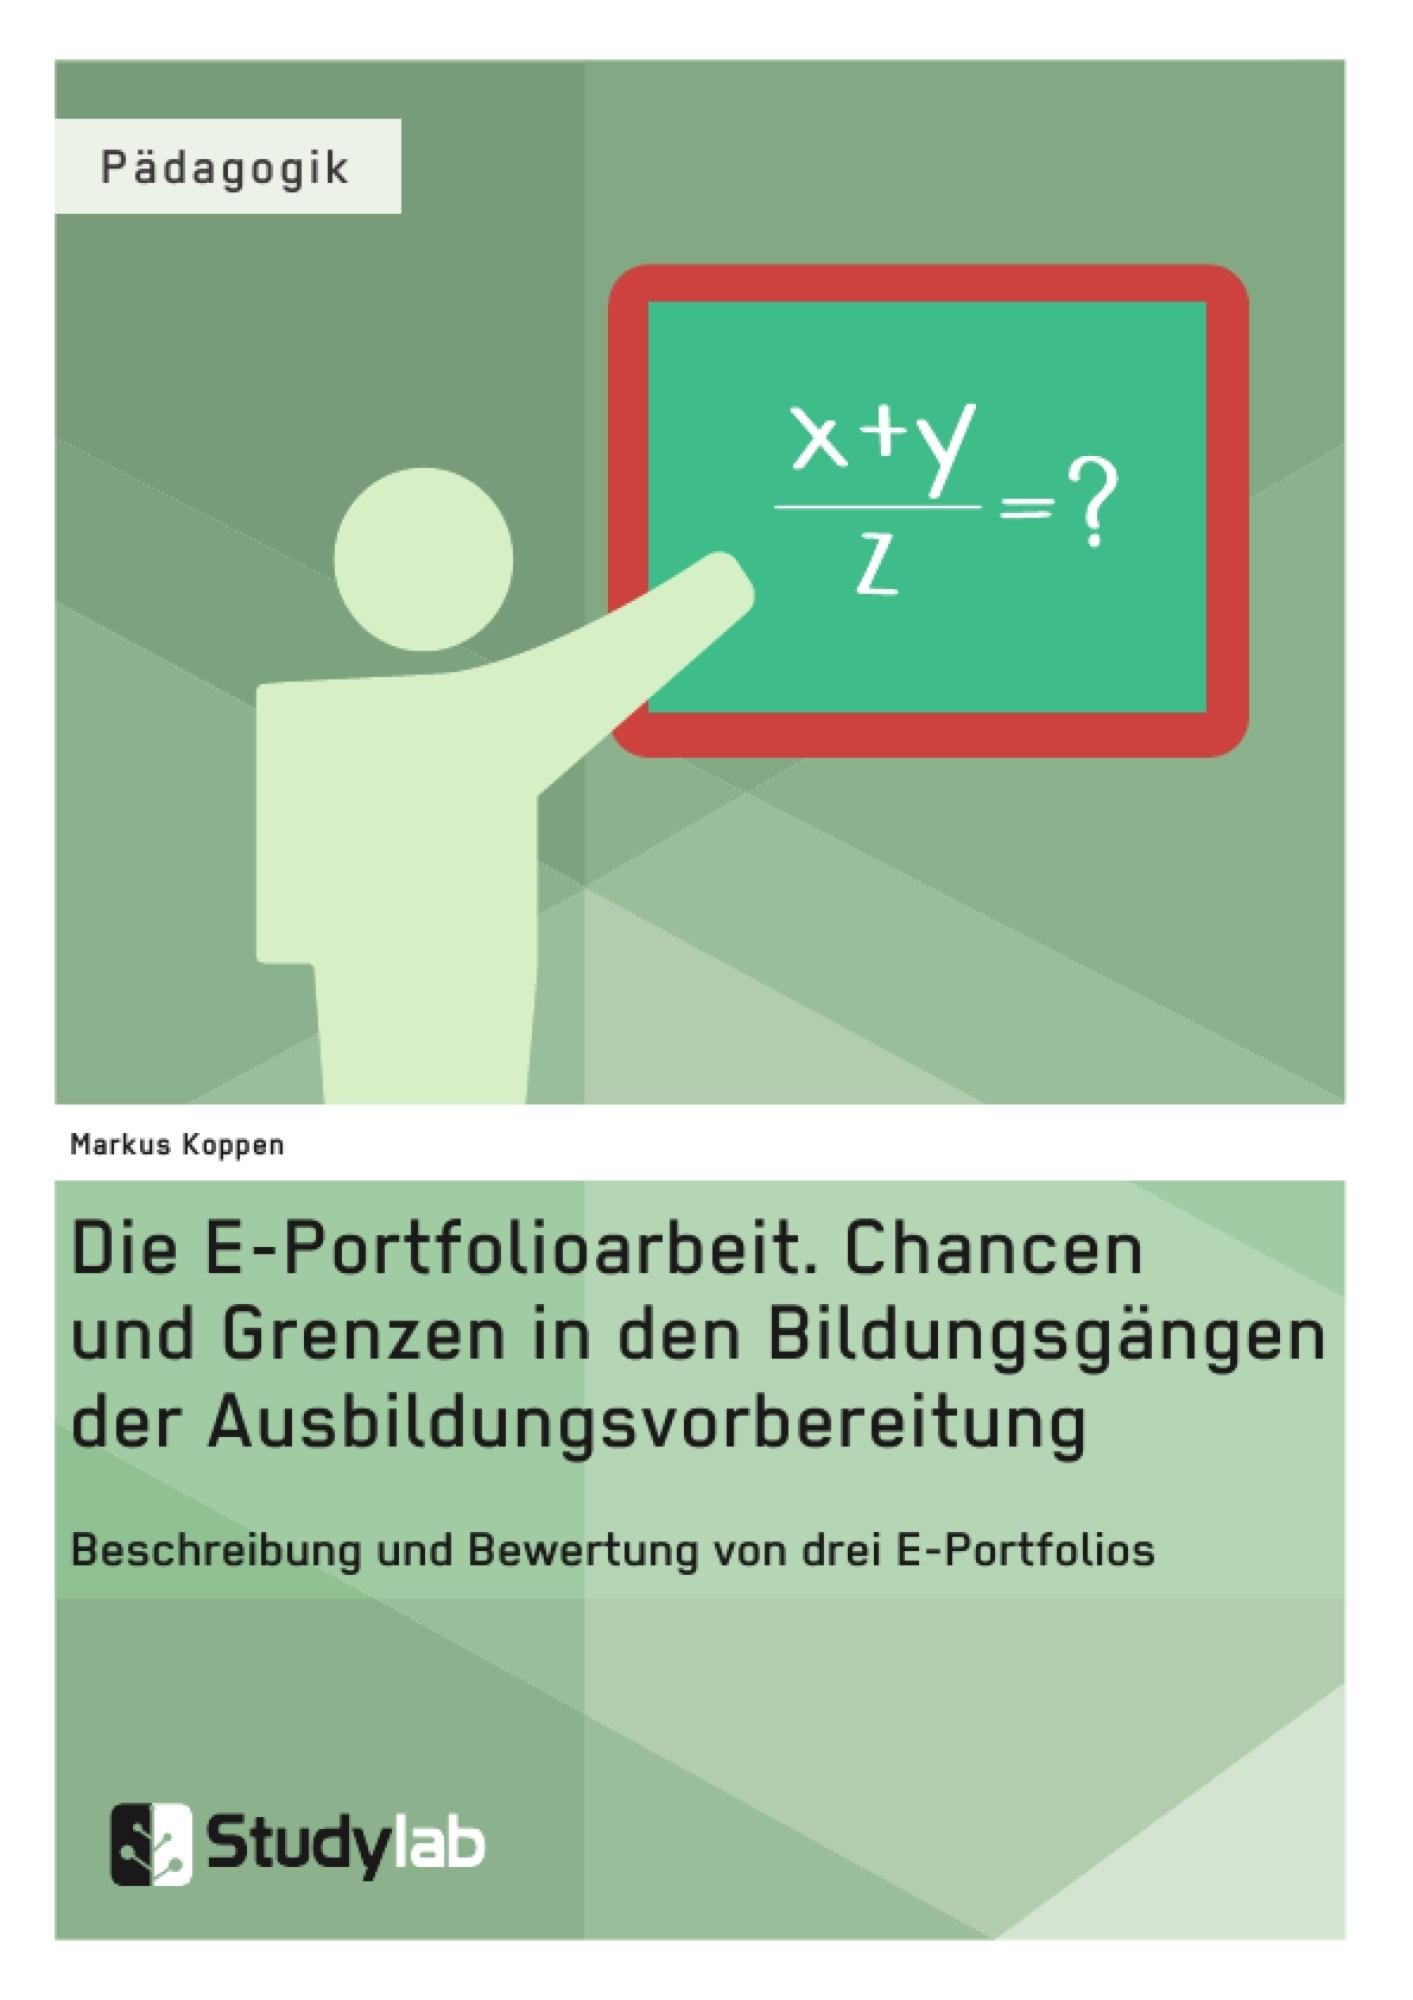 Titel: Die E-Portfolioarbeit. Chancen und Grenzen in den Bildungsgängen der Ausbildungsvorbereitung